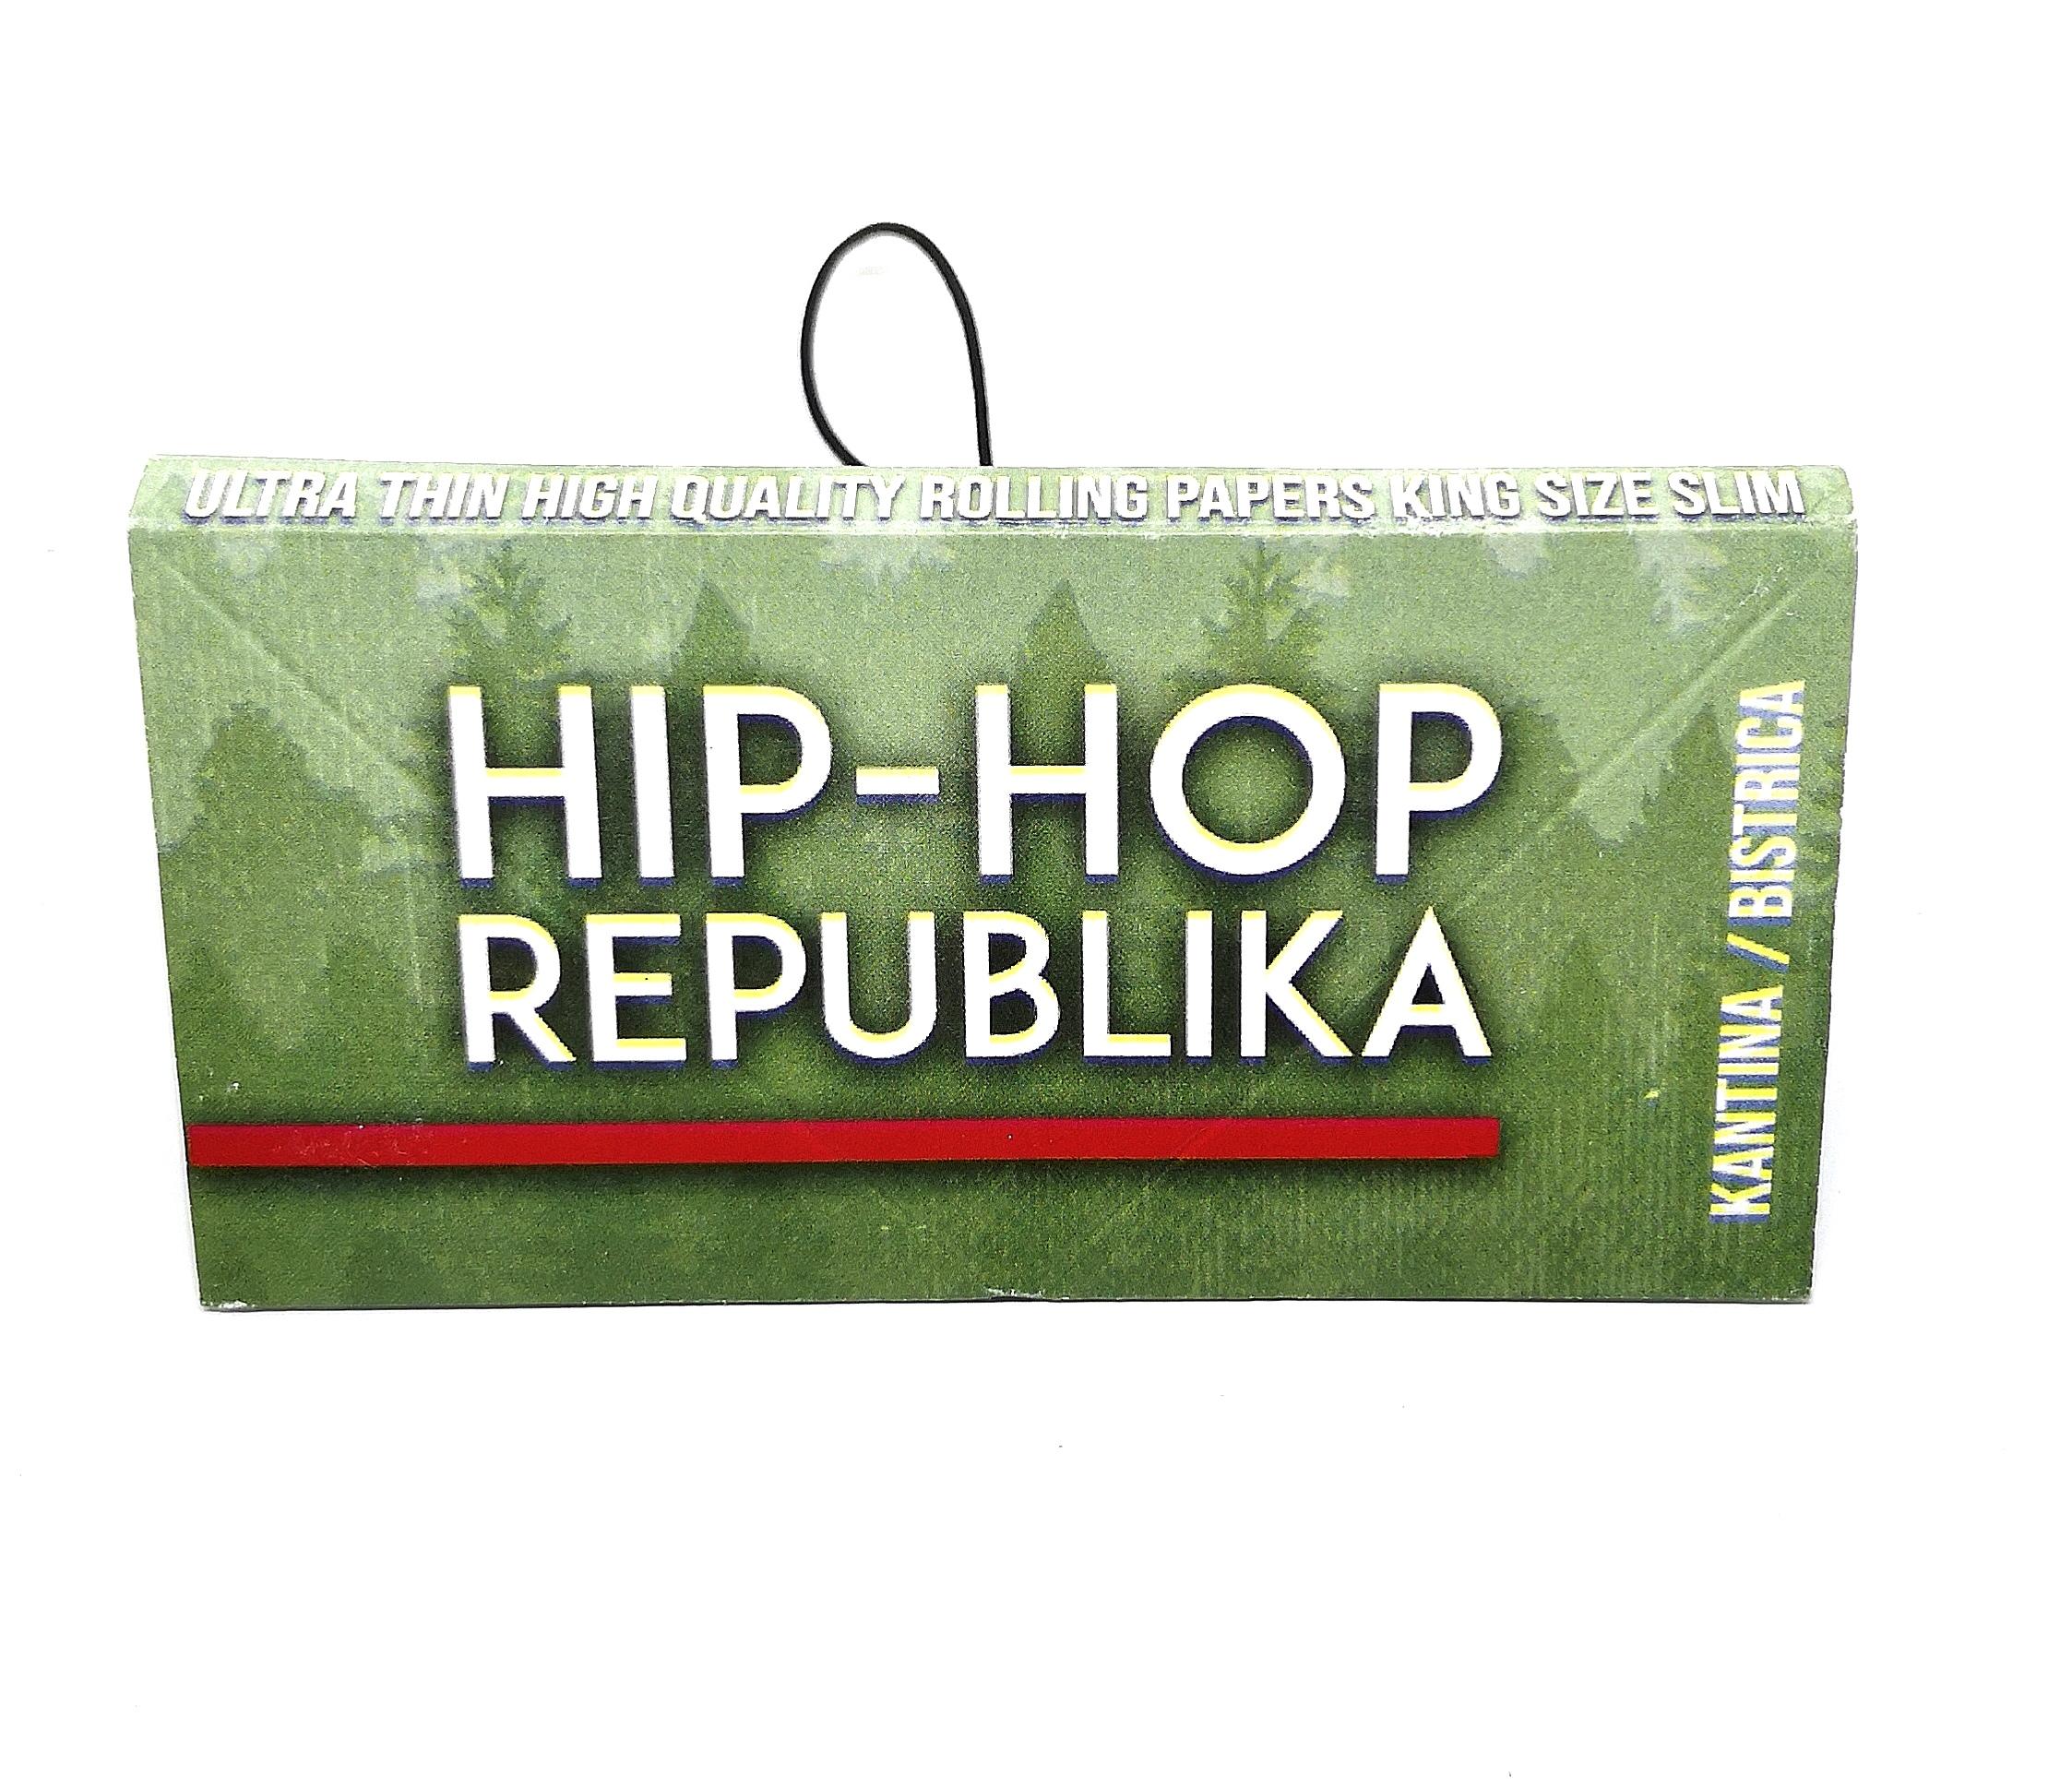 HIP HOP REPUBLIKA